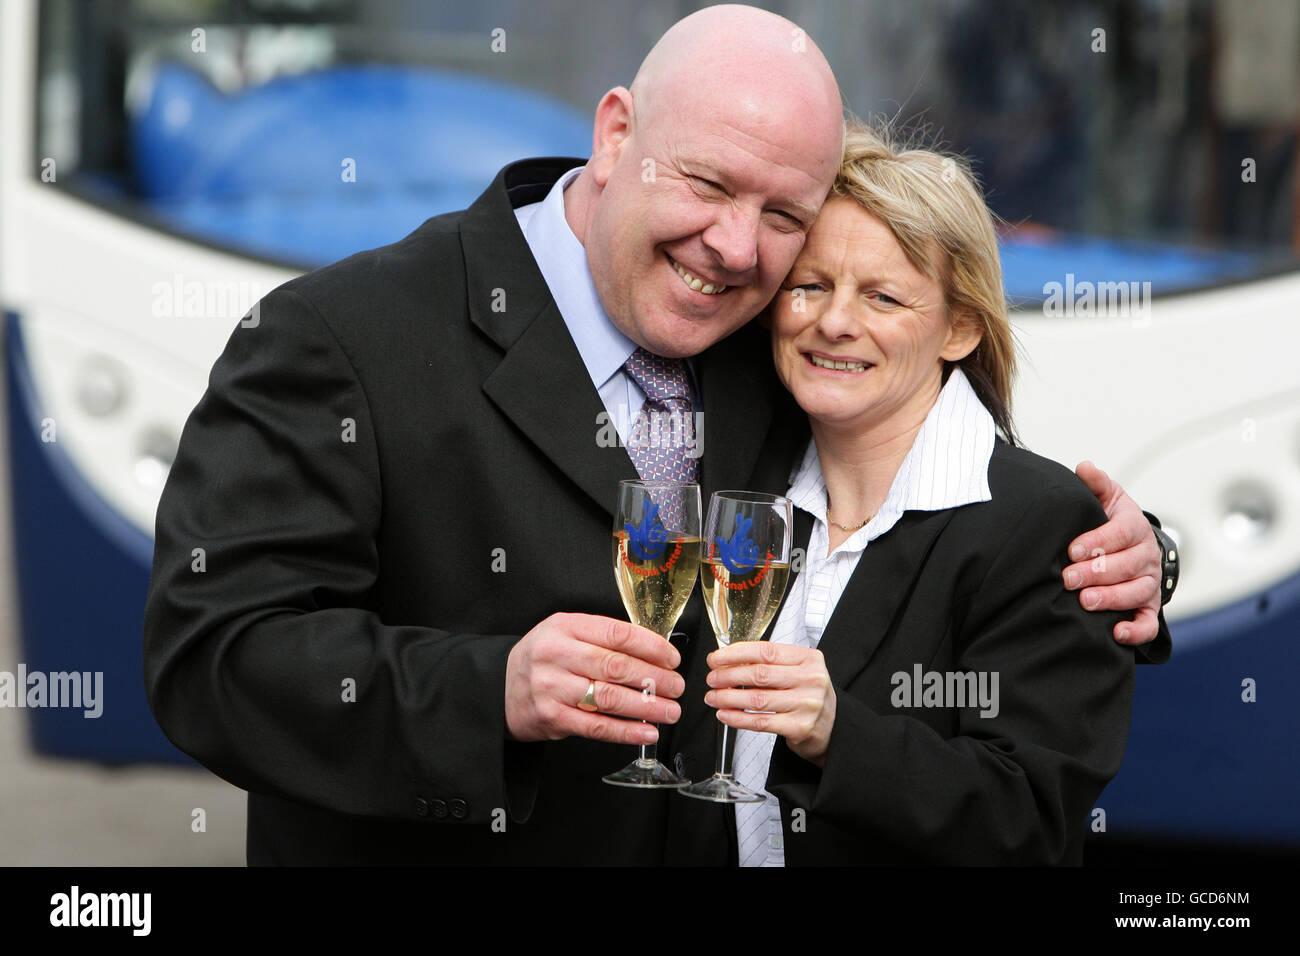 El conductor del autobús Kevin Halstead y su socio Josephine Jones en Shaw Hill Golf and Country Club en Chorley, Lancashire, después de que Kevin ganó 2,302,668 en la lotería nacional el sábado pasado. Foto de stock